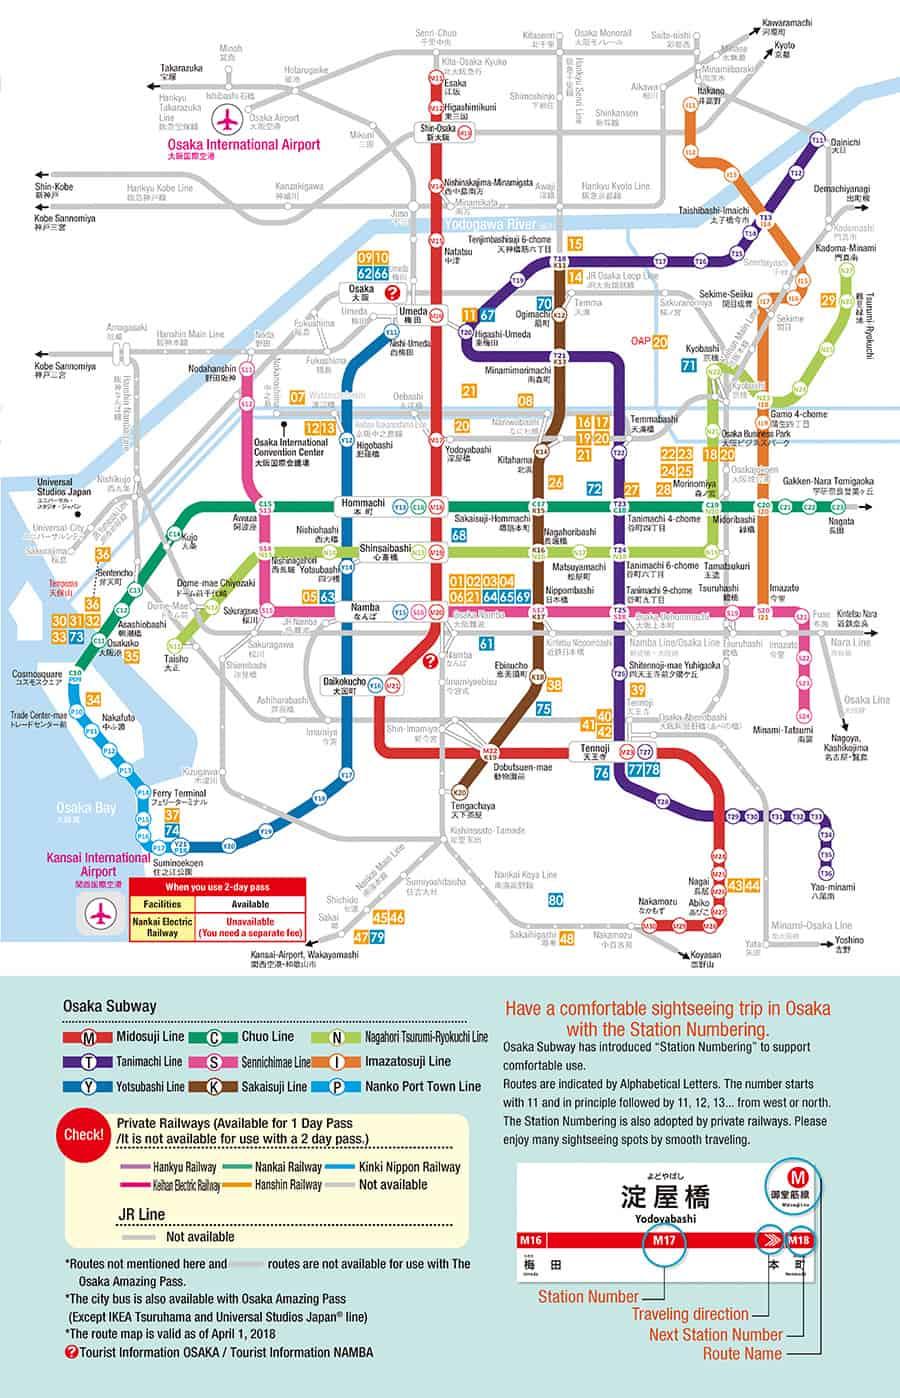 สถานีที่สามารถใช้ Osaka Amazing Pass 2 days ได้